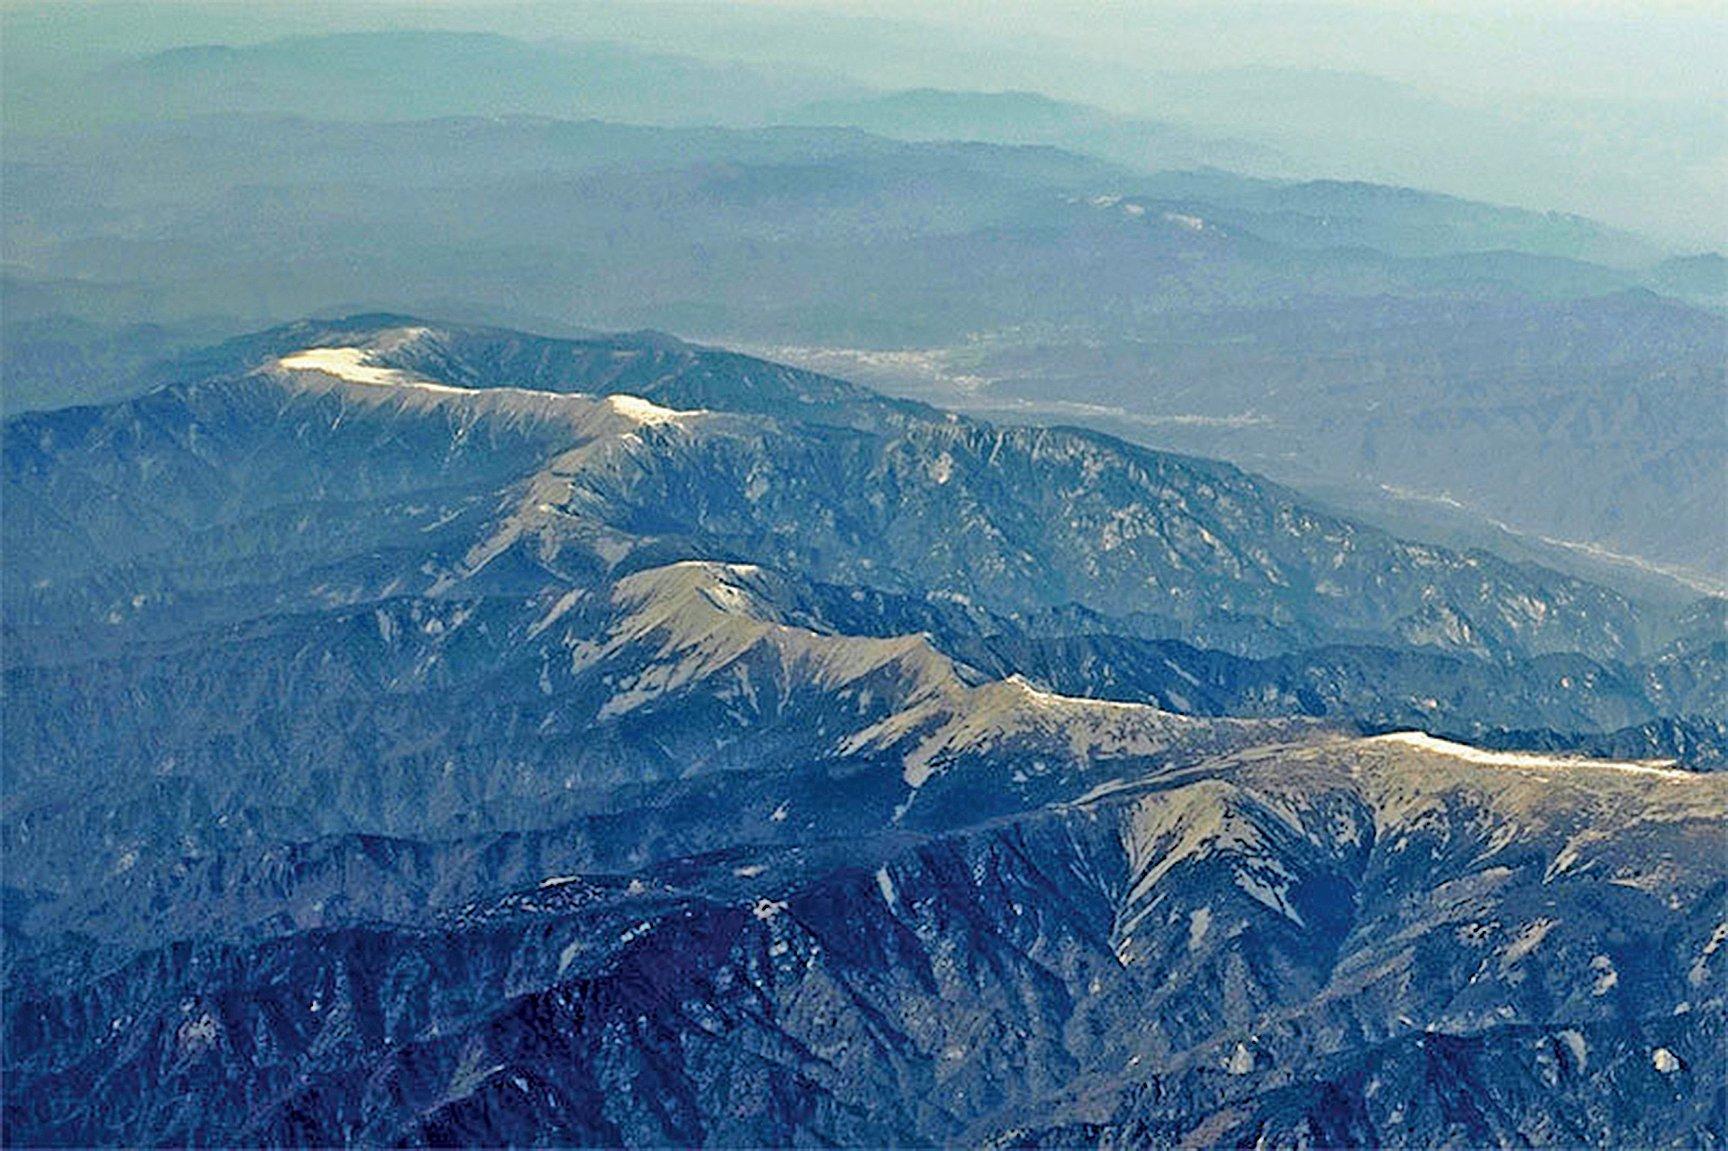 秦嶺被尊為華夏文明的龍脈,是中國生存與發展的重要之地。圖為萬米高空航拍冬日秦嶺,白雪勾勒出「中華龍脊」。(大紀元資料室)